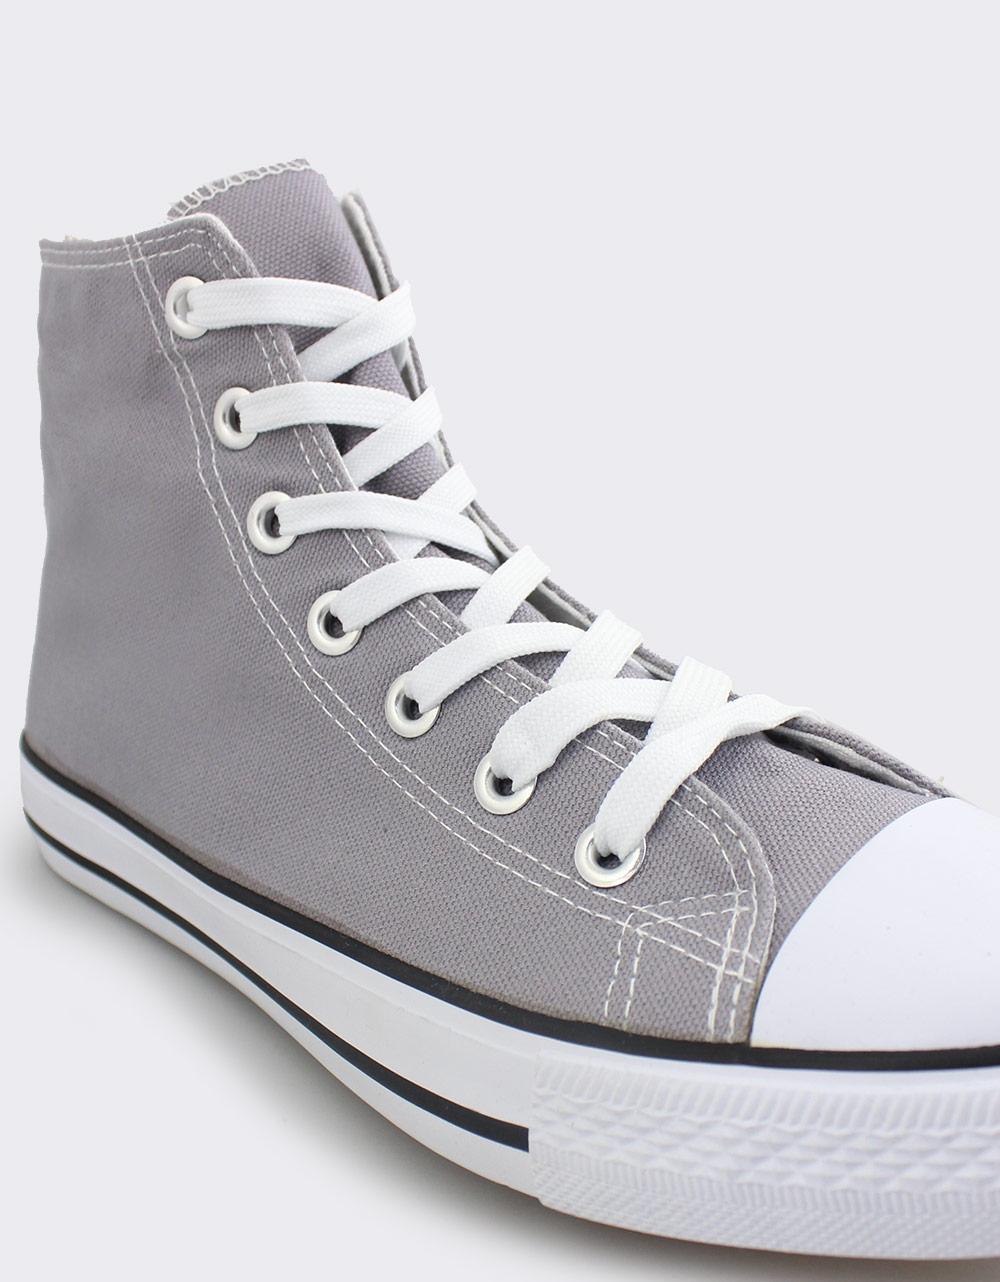 Εικόνα από Ανδρικά sneakers υφασμάτινα με ρίγα στη σόλα Γκρι